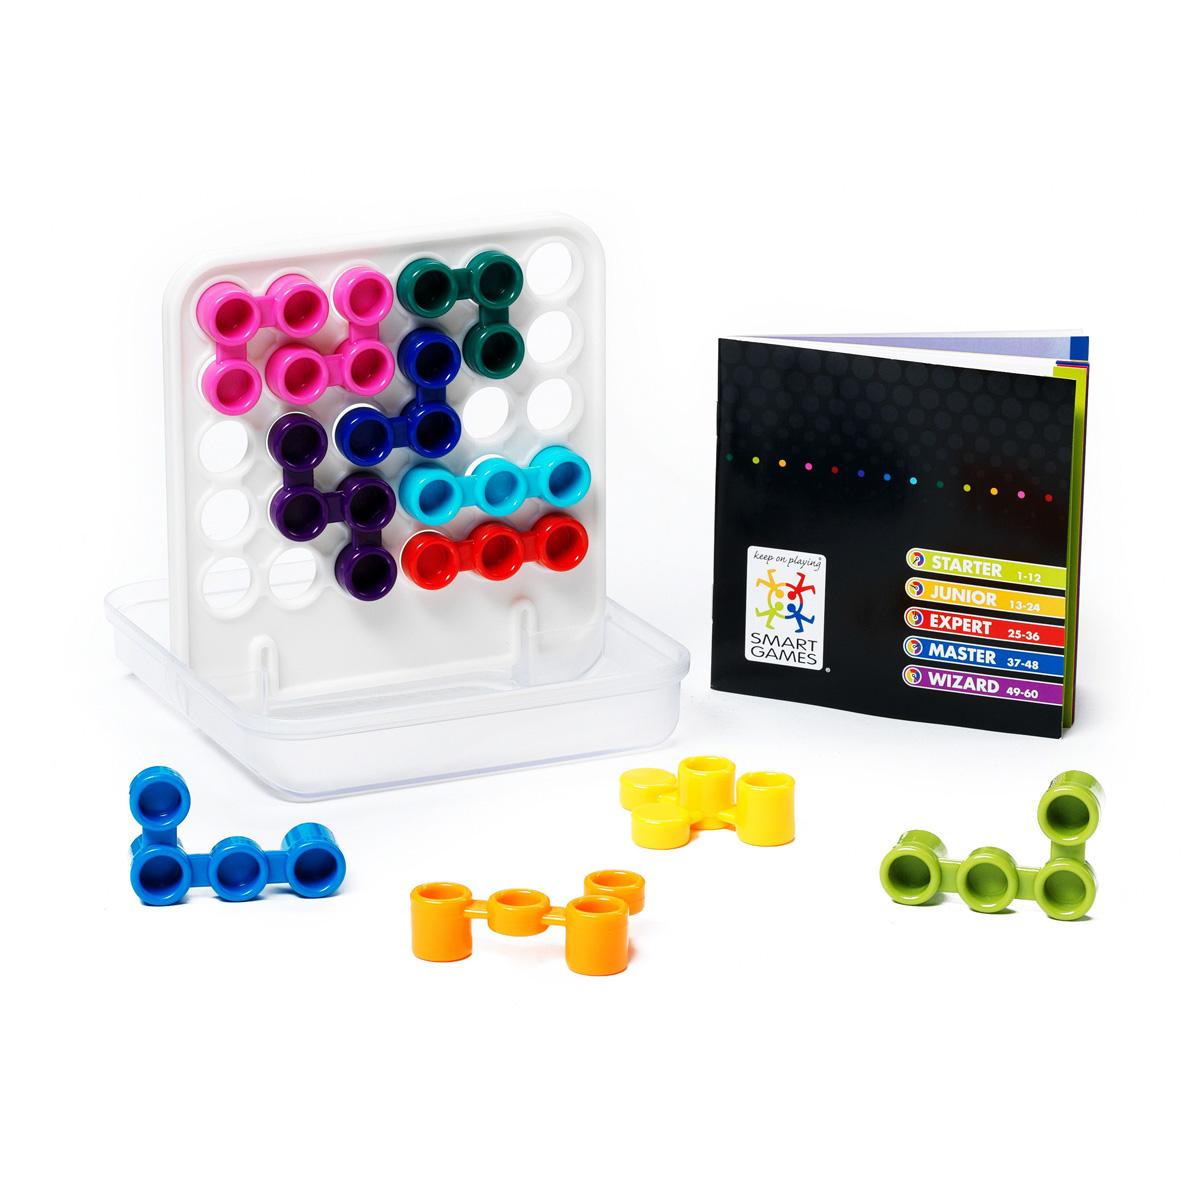 Логическая игра Bondibon Smartgames ДуплексВВ0948Увлекательная головоломка для игры в компании. Дуплекс - значит двойной. Эта занятная головоломка построена на поиске сочетании двух частей: двух сторон решетки, двух выступающих частей деталей. В игре необходимо расположить детали головоломки на игровом поле-решетке таким образом, чтобы с двух сторон отсутствовали видимые отверстия. Не сдавайся, ошибайся, пробуй, экспериментируй и когда у тебя все получится, ты обязательно почувствуешь двукратный прилив сил и уверенности в себе! Дуплекс научит вас и вашего ребенка ставить и достигать значимые цели и находить компромиссы. И эти незаменимые в современном быстроменяющемся мире навыки вы сможете получить в увлекательной игровой деятельности. Игра имеет 5 уровней сложности. С ее помощью можно развить логическое мышление и познавательные способности, социальное развитие, концентрацию внимания, тренировку памяти, фантазию и мелкую моторику. В комплект входят: буклет с 60 заданиями с ответами, 11 цветных деталей, игровая доска...